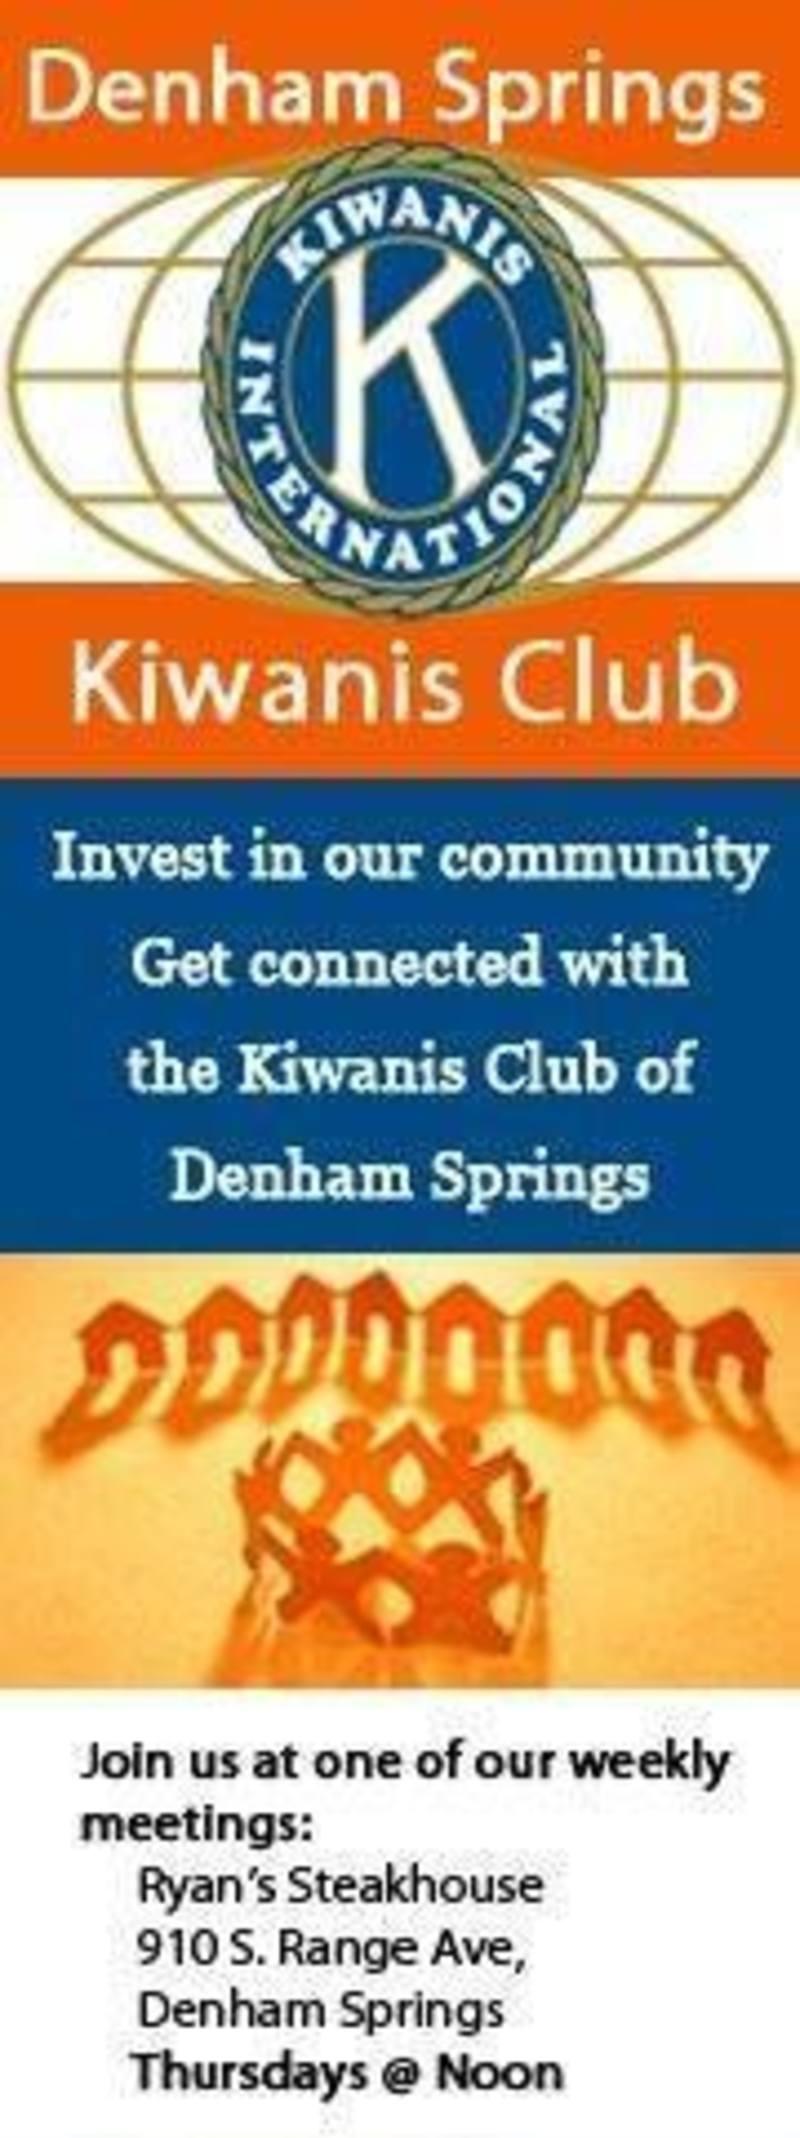 Denham Springs Kiwanis Presentation